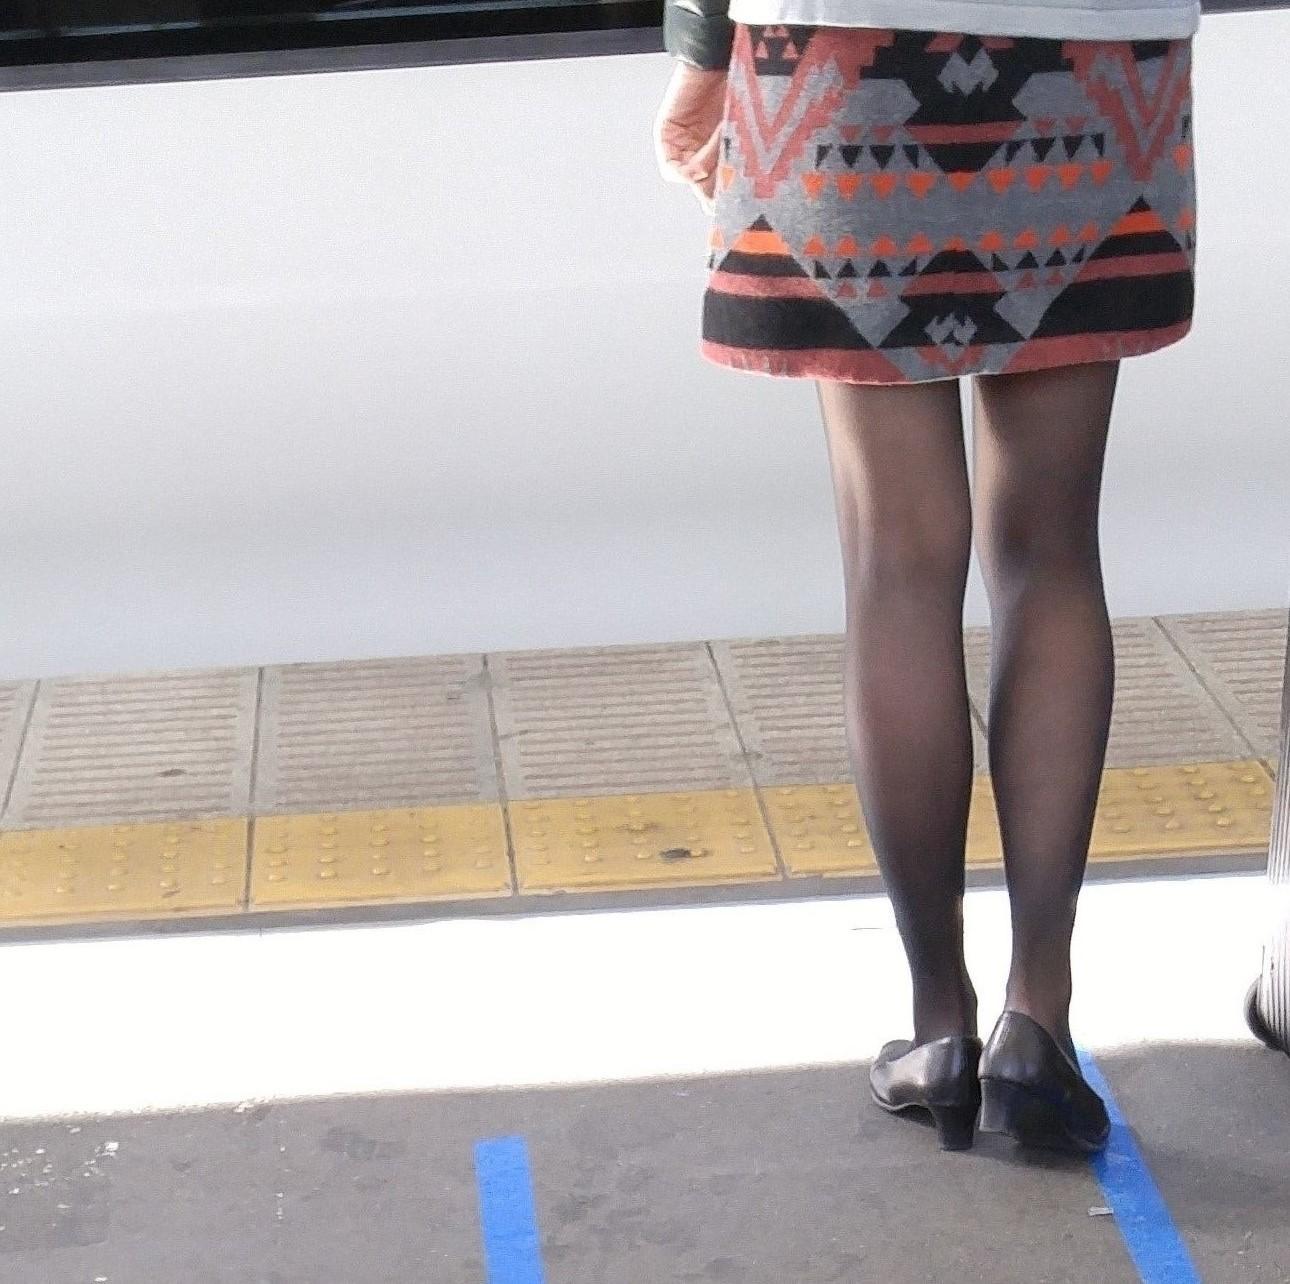 後ろの脚1